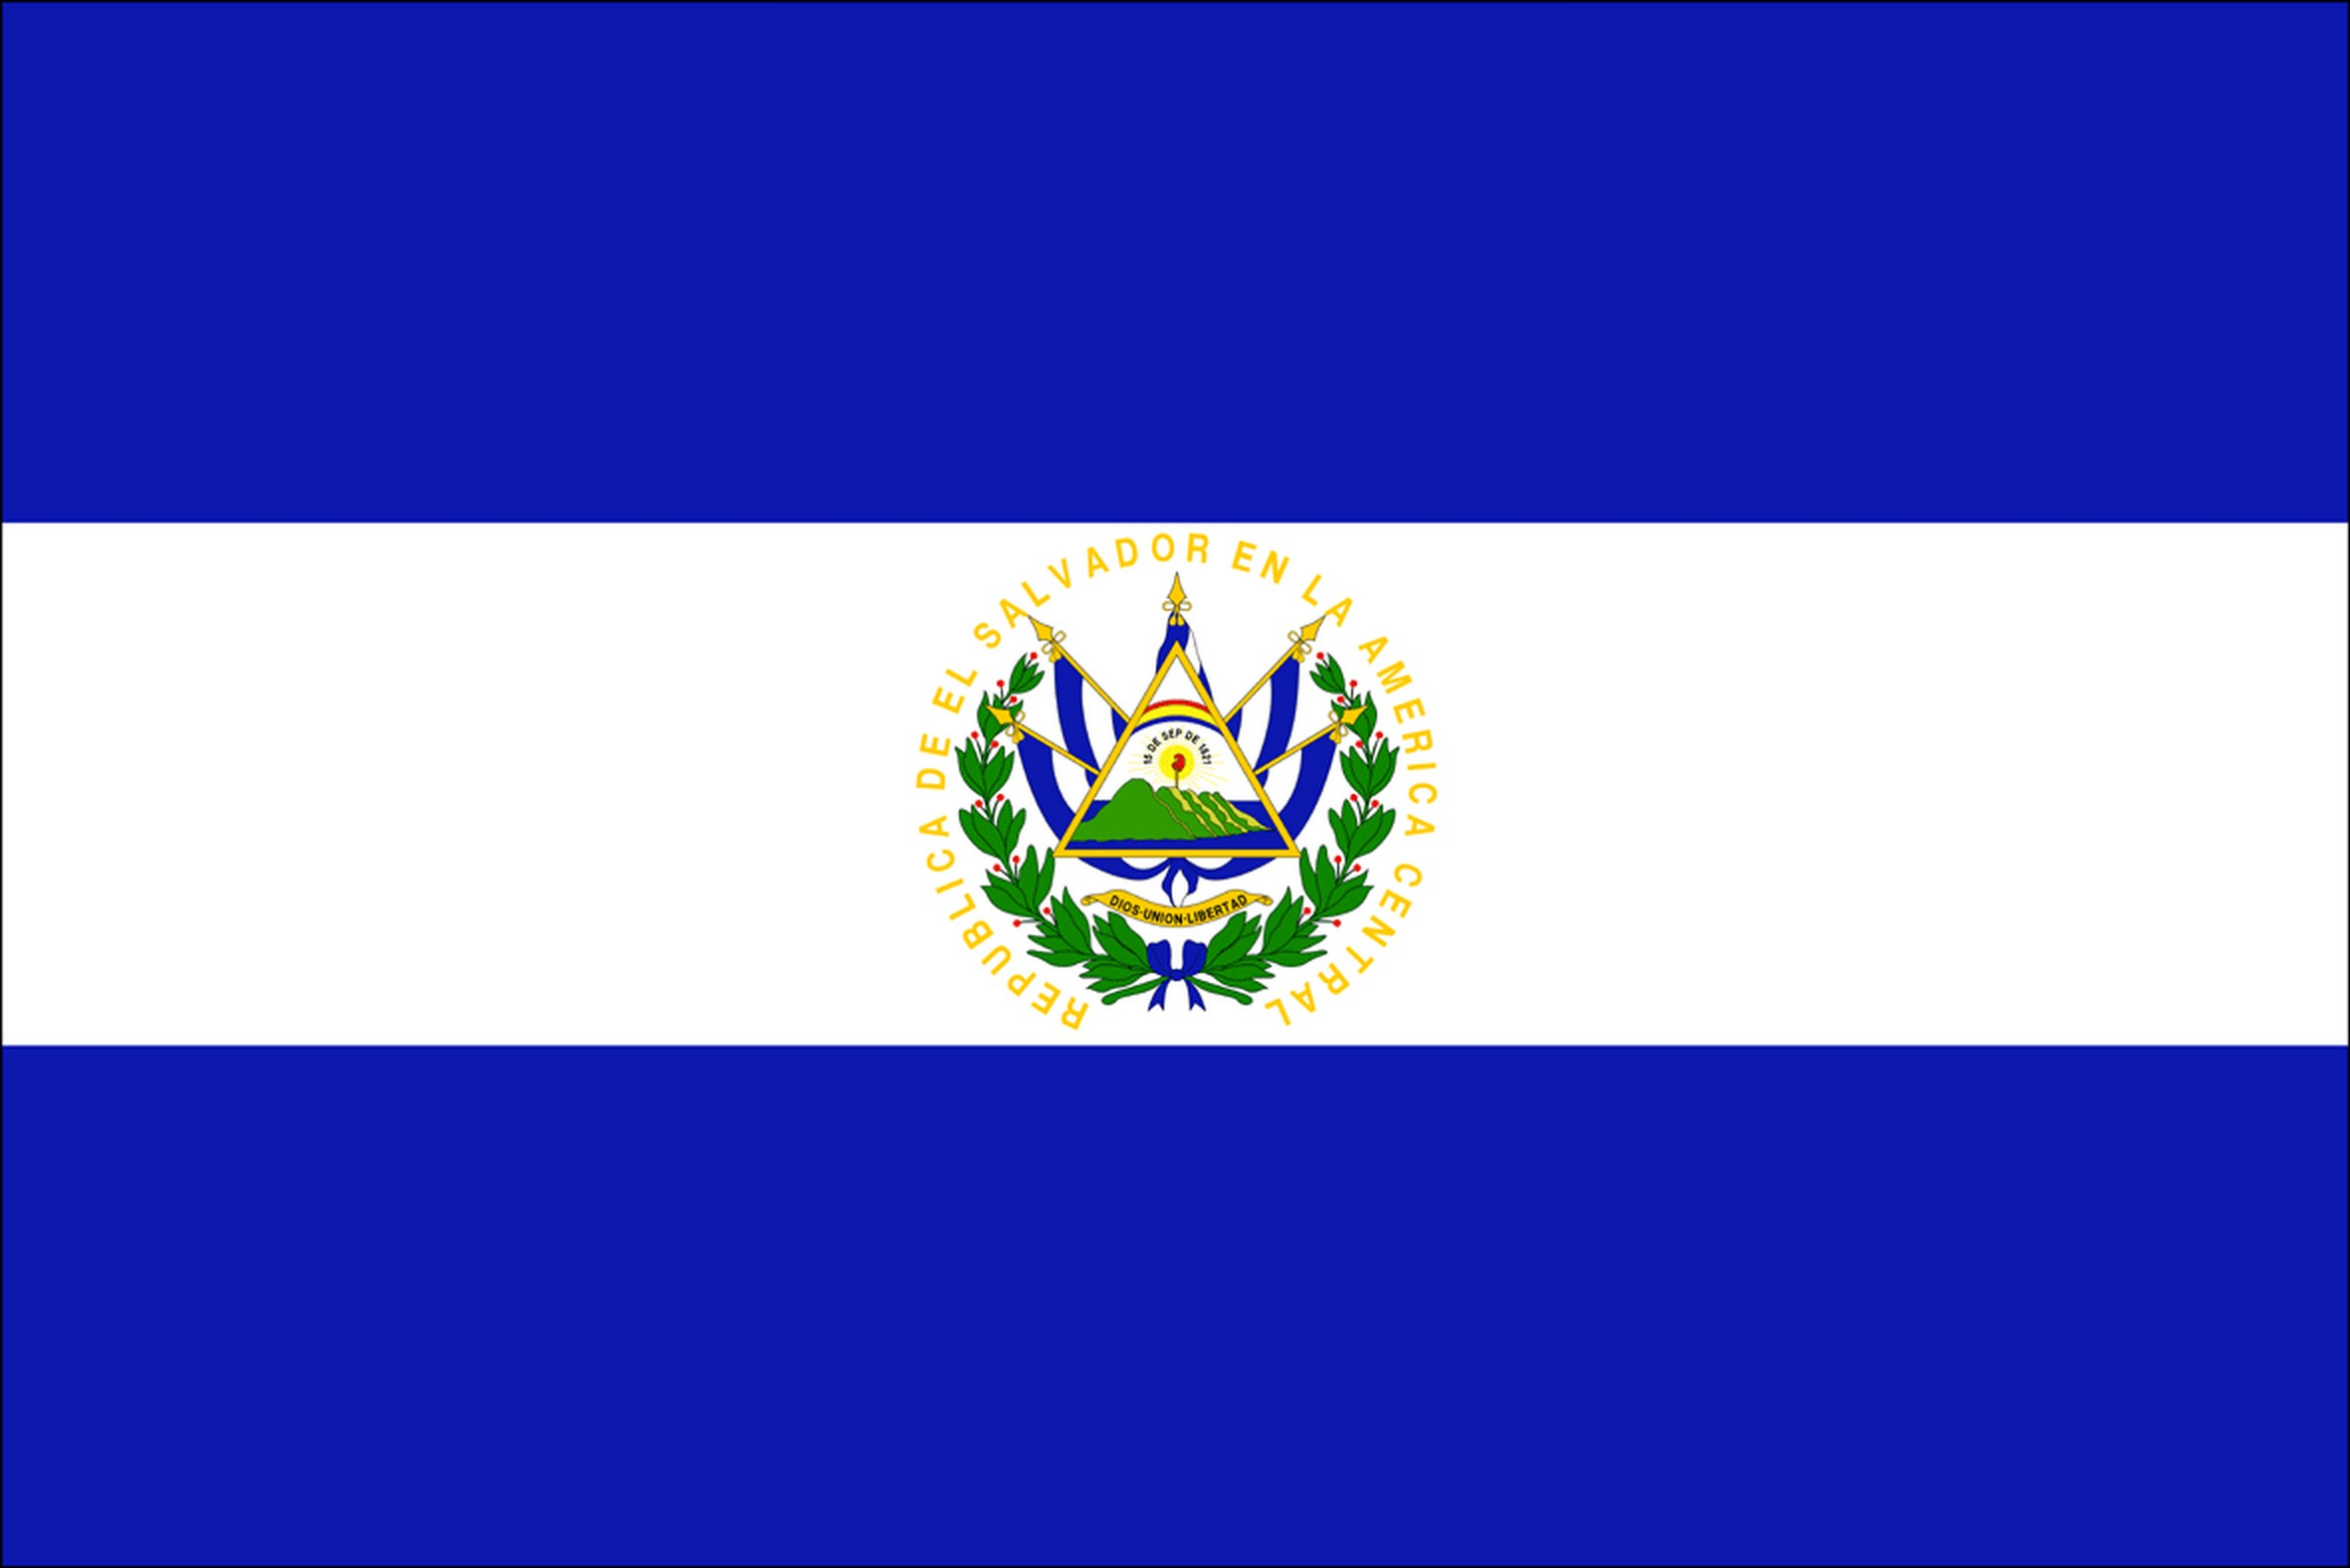 El-salvador Flag Picture, El-salvador Flag Photo, El